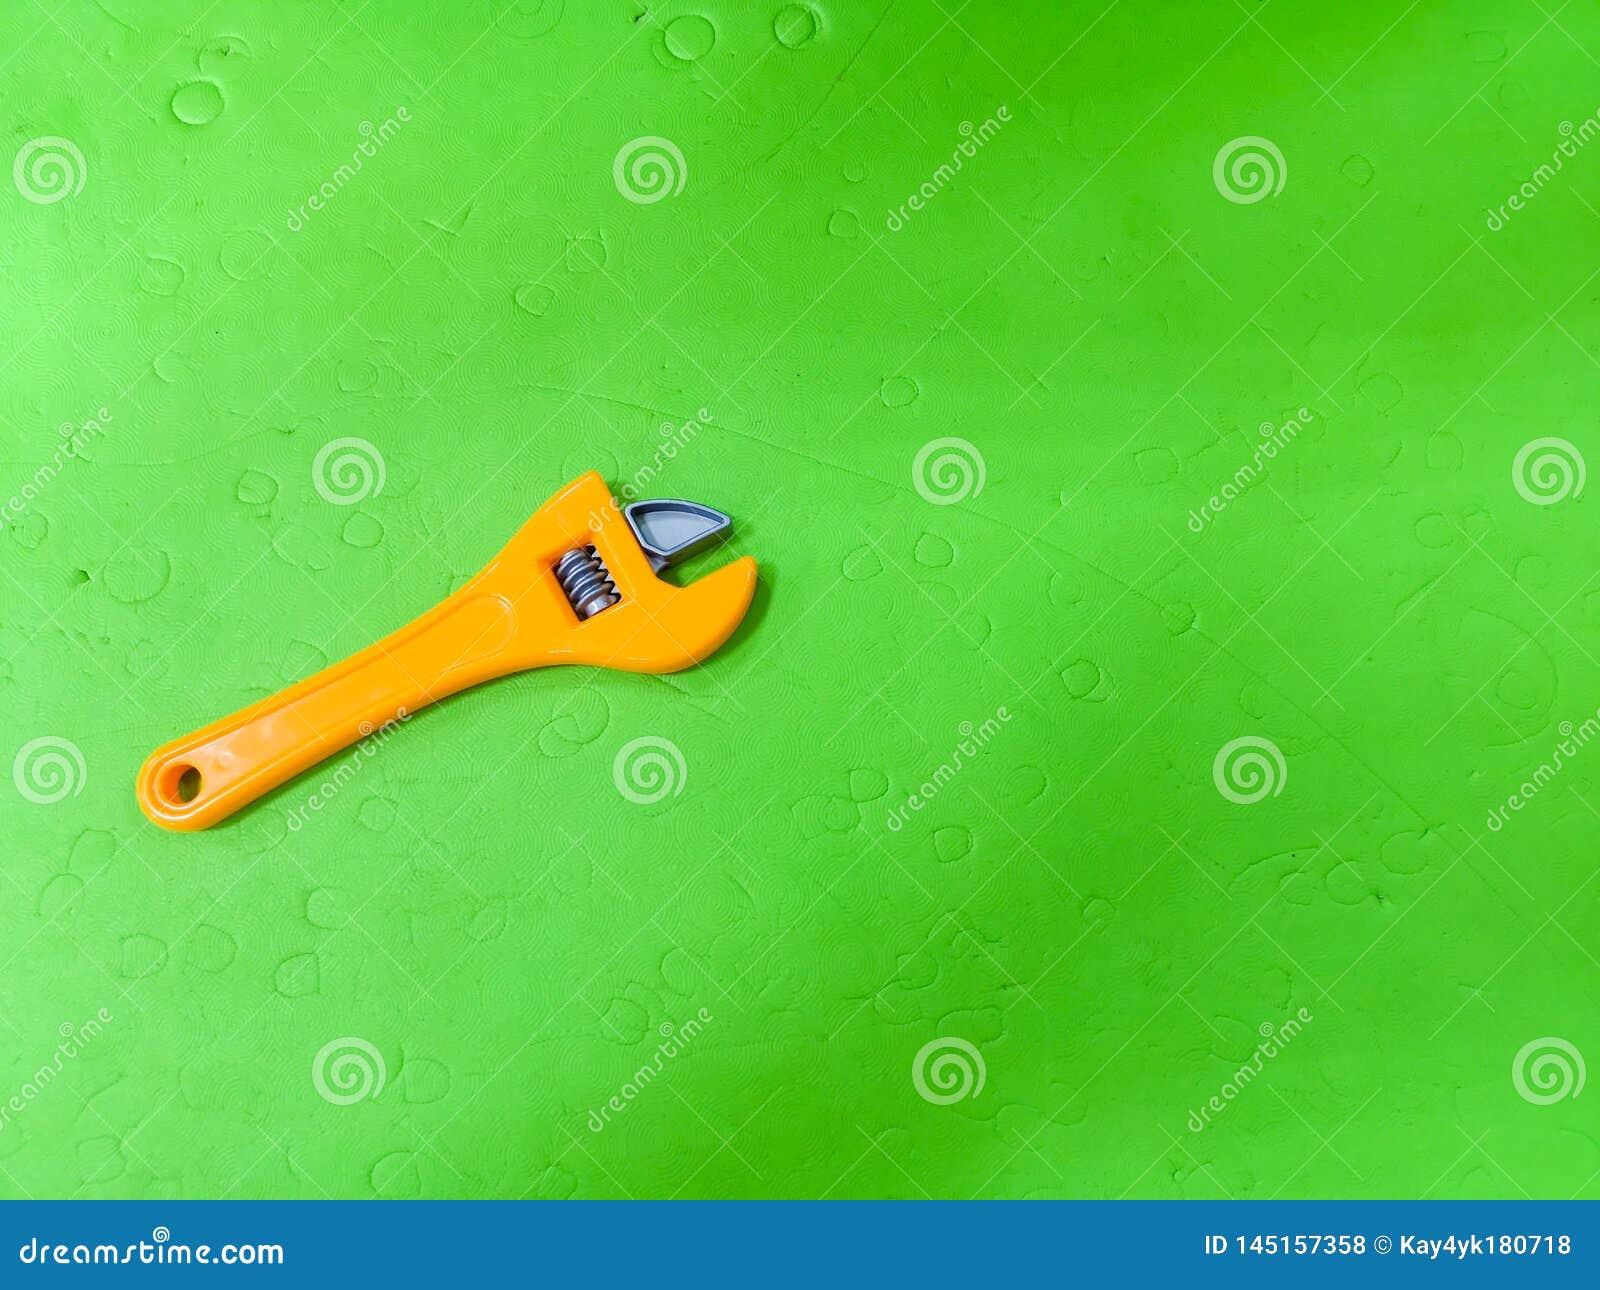 La clé des enfants sur un fond vert L outil pour l enfant, dépanneur etsky, développement pour des enfants, préparant l enfant